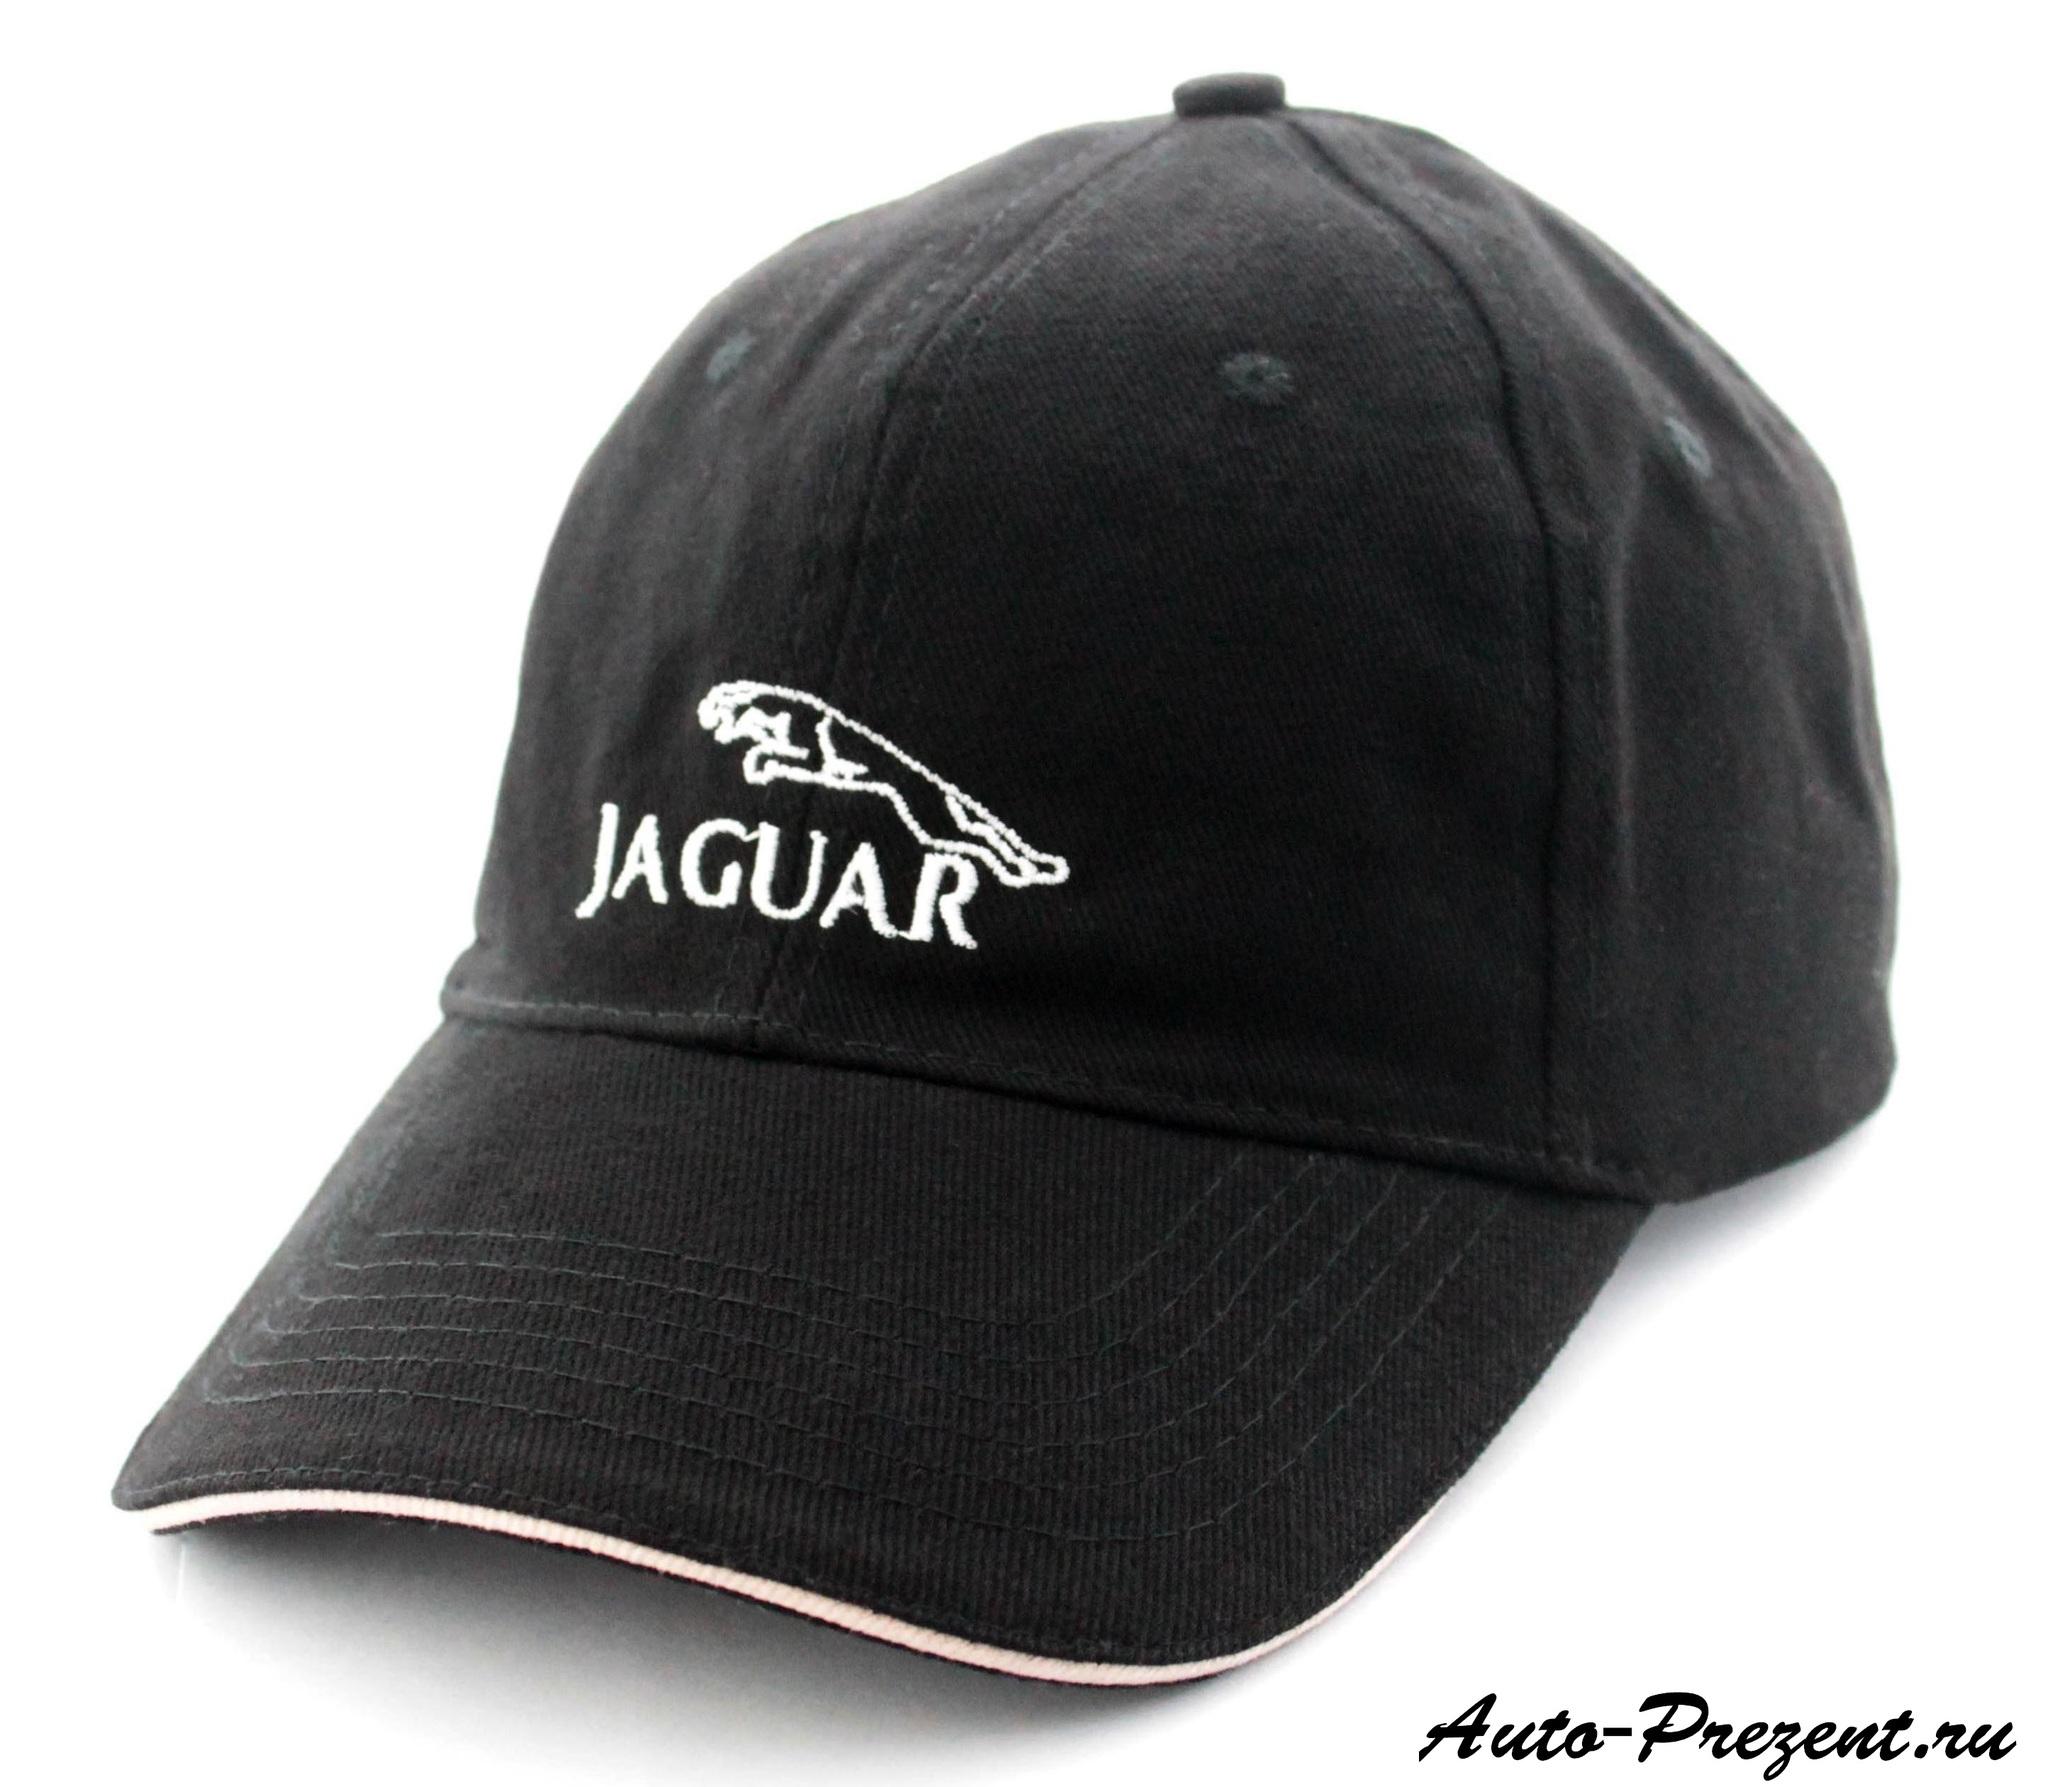 Бейсболка с логотипом JAGUAR